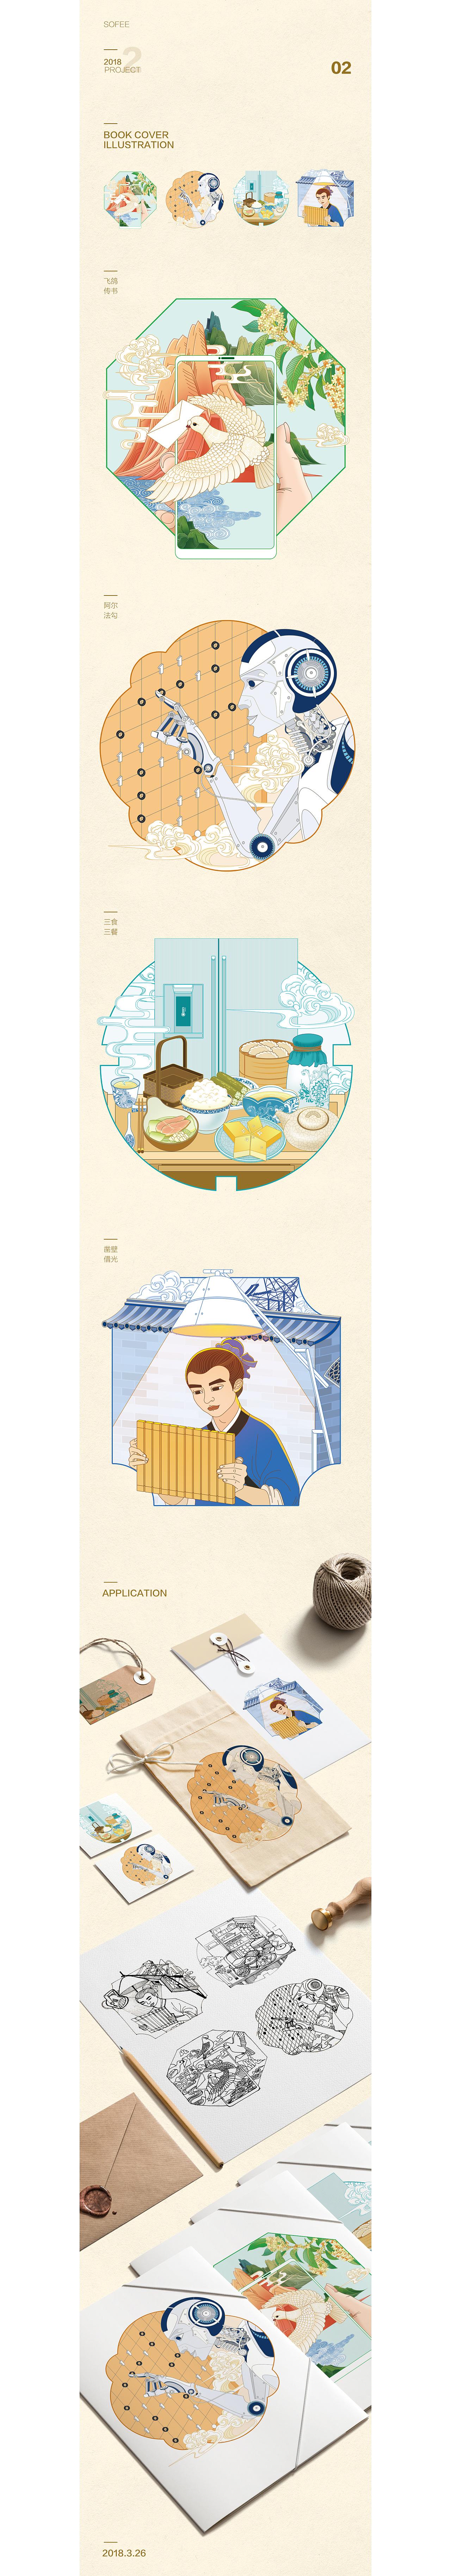 教材帮_作业帮-教材封面插画